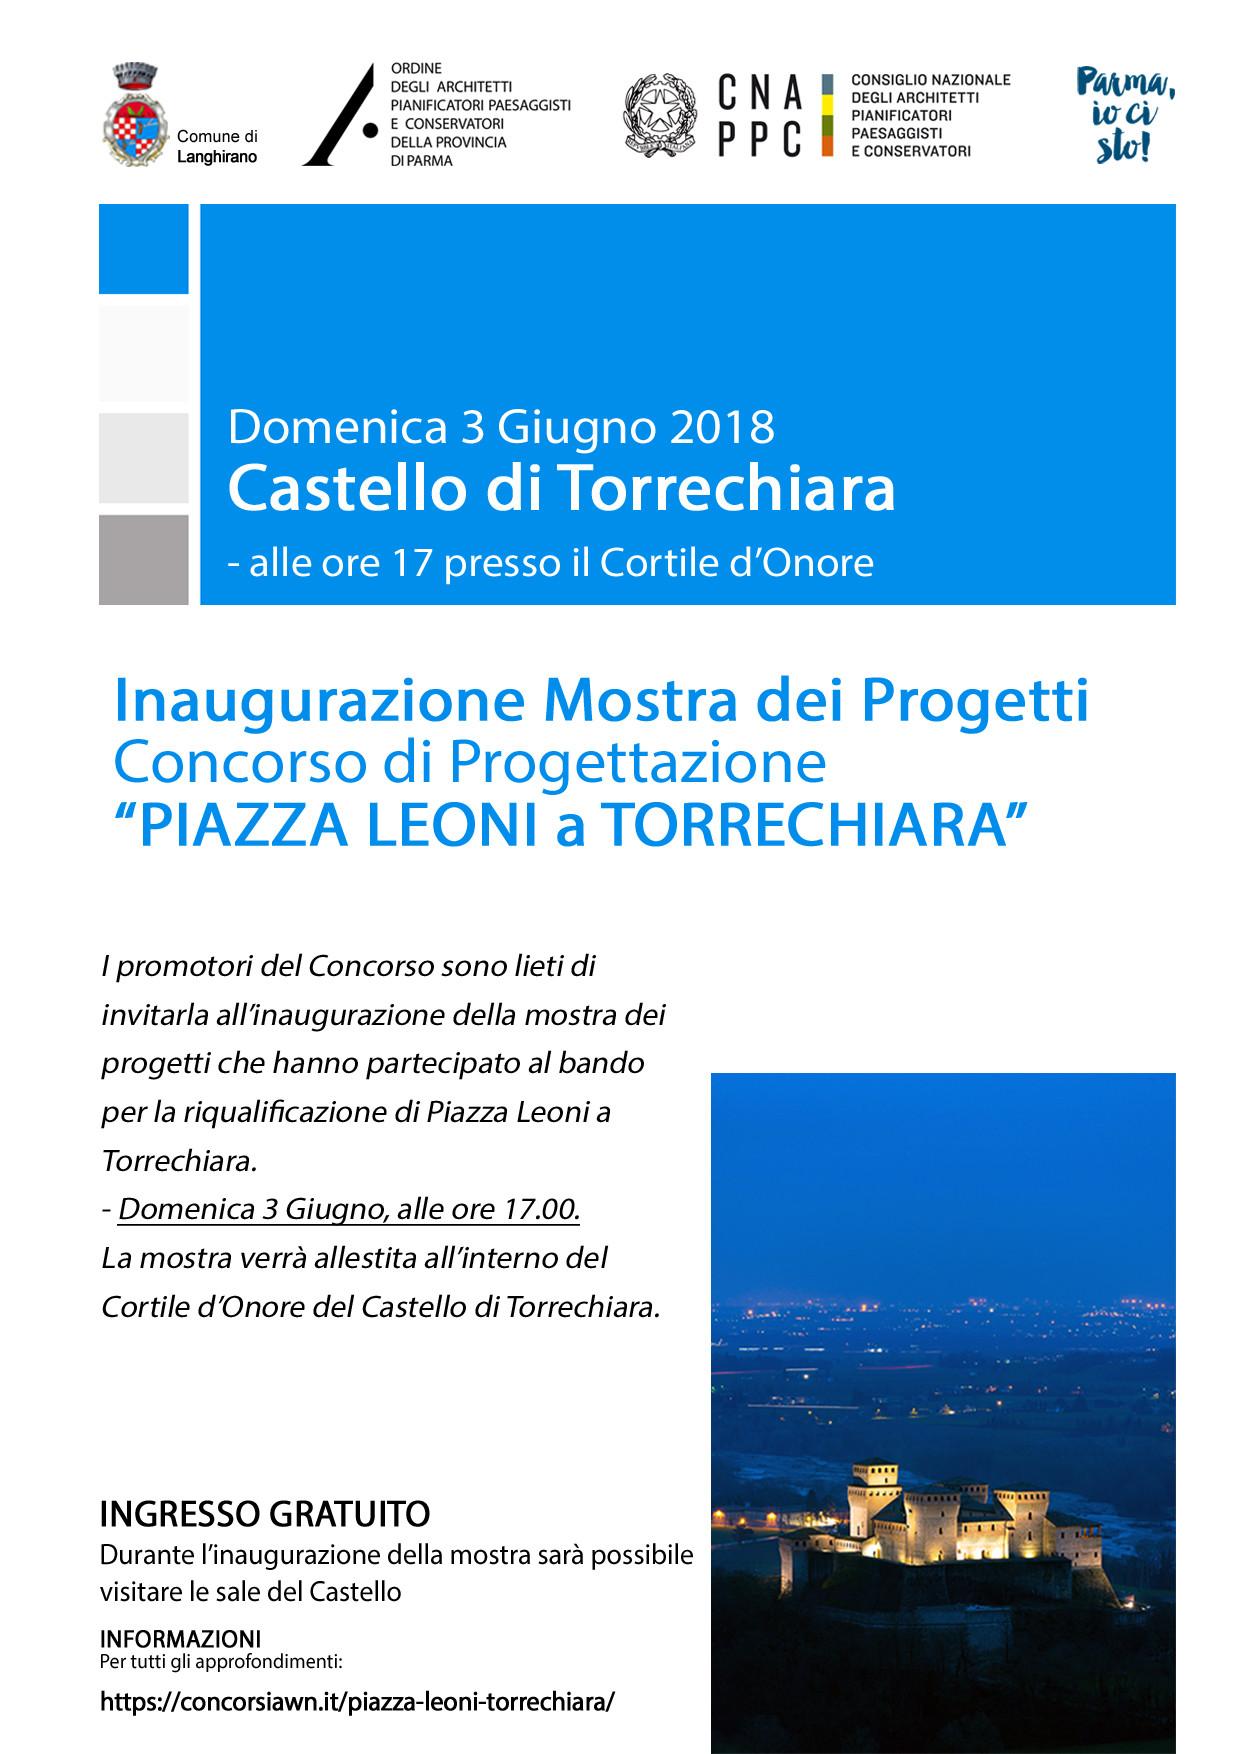 CONCORSO DI PROGETTAZIONE  PER PIAZZA LEONI A TORRECHIARA, al castello in mostra i progetti